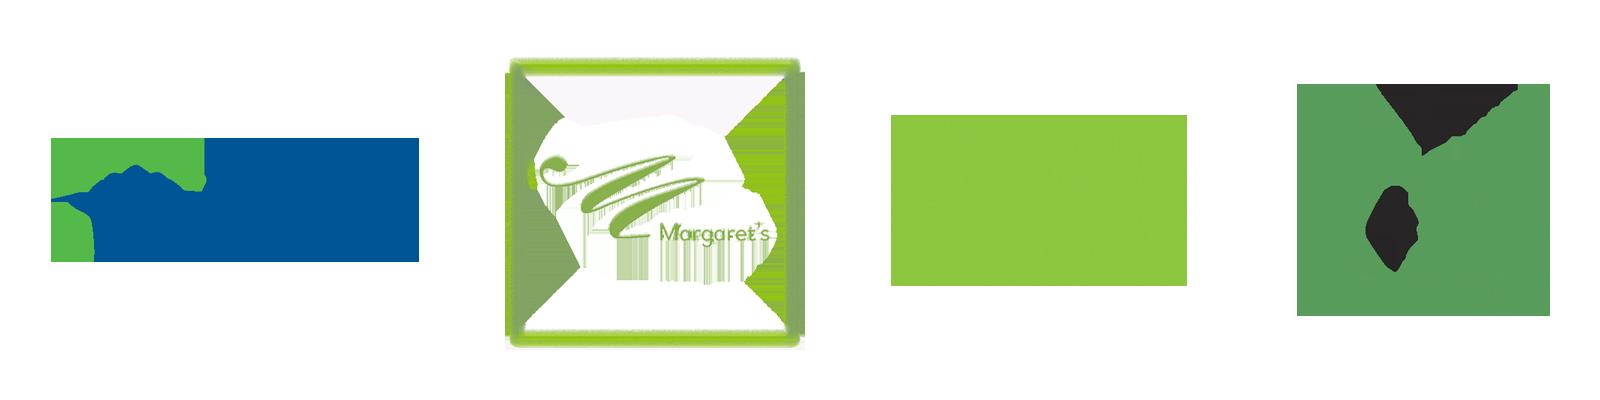 Habitat for Humanity, Margaret's, Second Harvest, TDSB